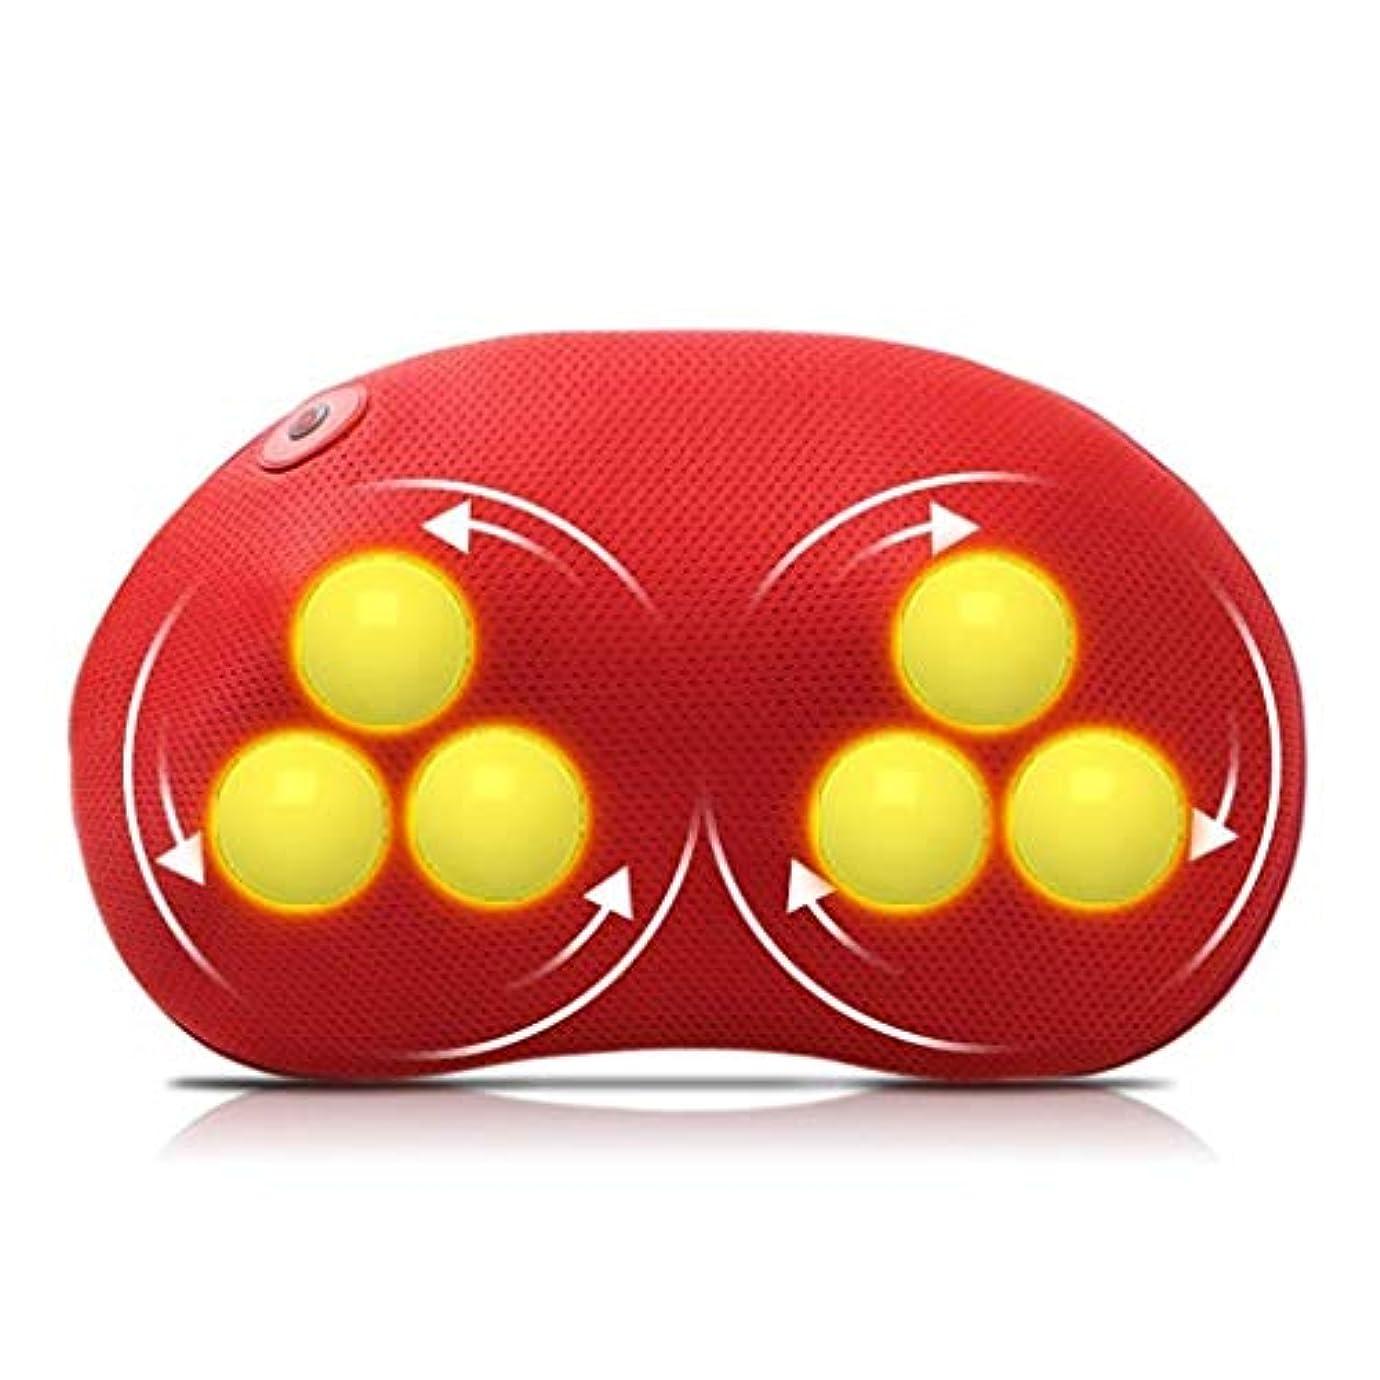 不誠実狭い屋内でマッサージ枕、首と背中の3Dマッサージ、熱、深練り、首と背中、肩のリラクゼーション筋肉、ホームオフィスでの使用 (Color : 赤)